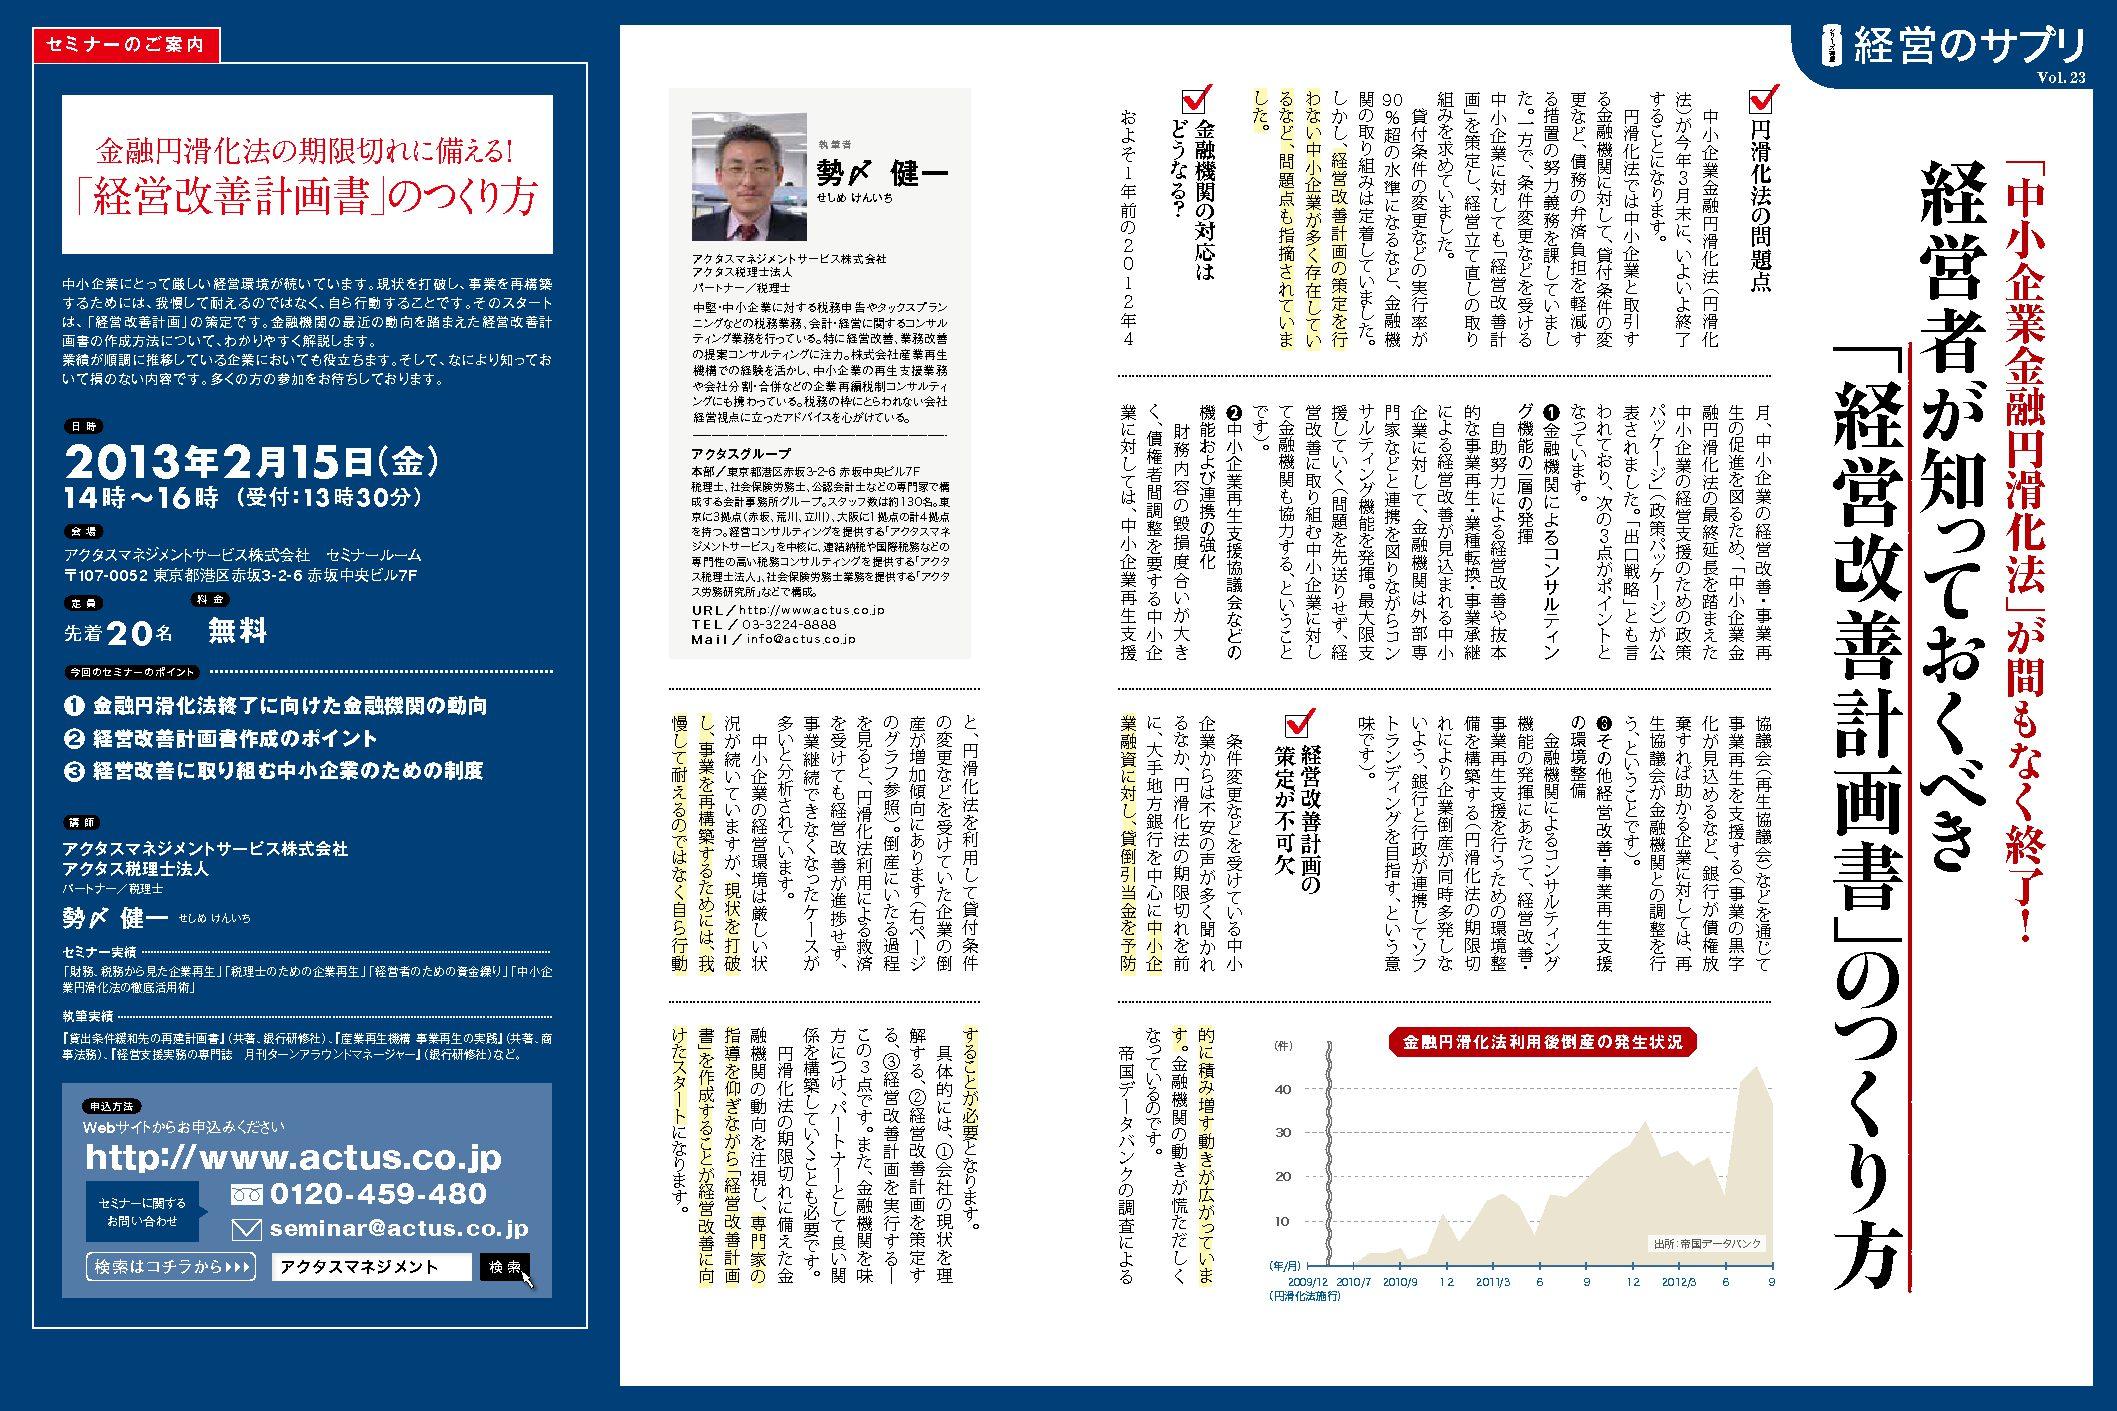 経営のサプリVol.23 「中小企業金融円滑化法」が間もなく終了! 経営者が知っておくべき「経営改善計画書」のつくり方